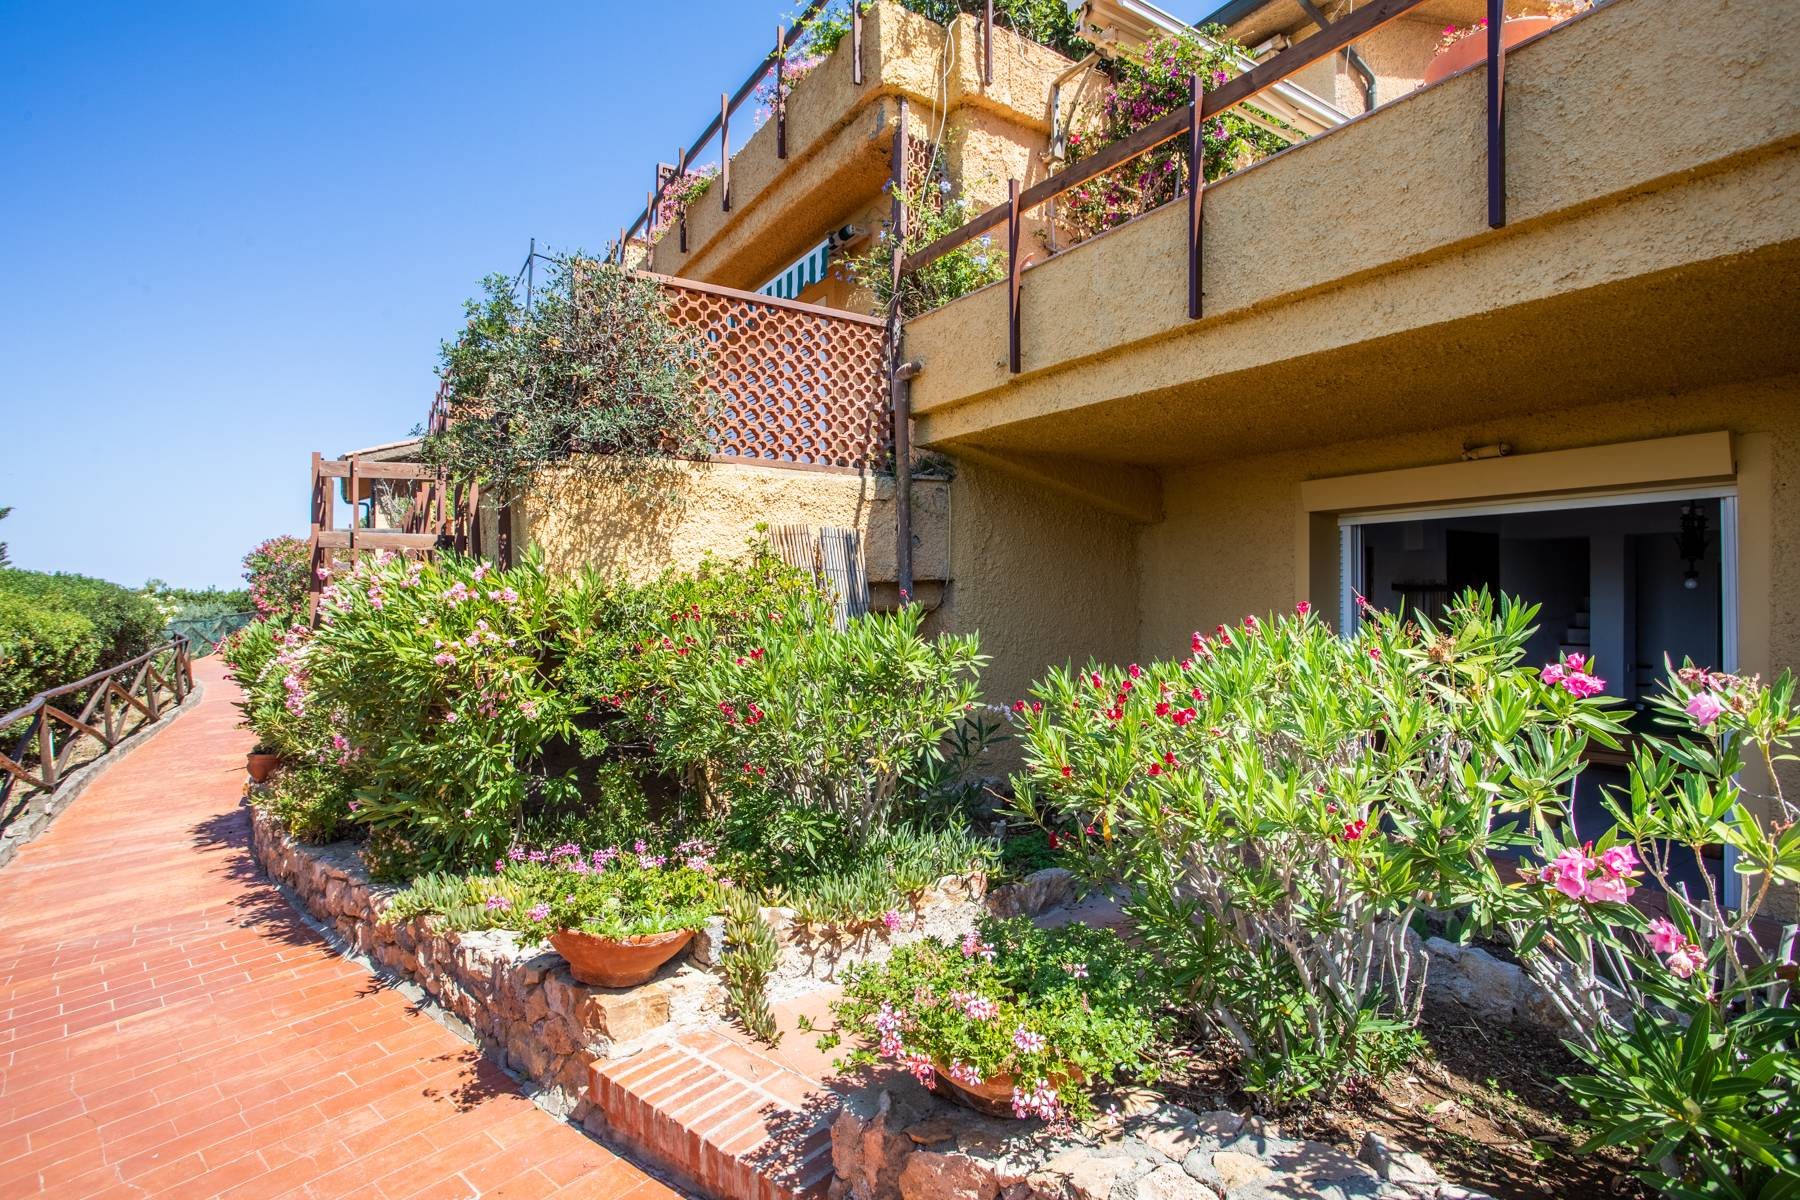 Casa indipendente in Vendita a Monte Argentario: 5 locali, 200 mq - Foto 23